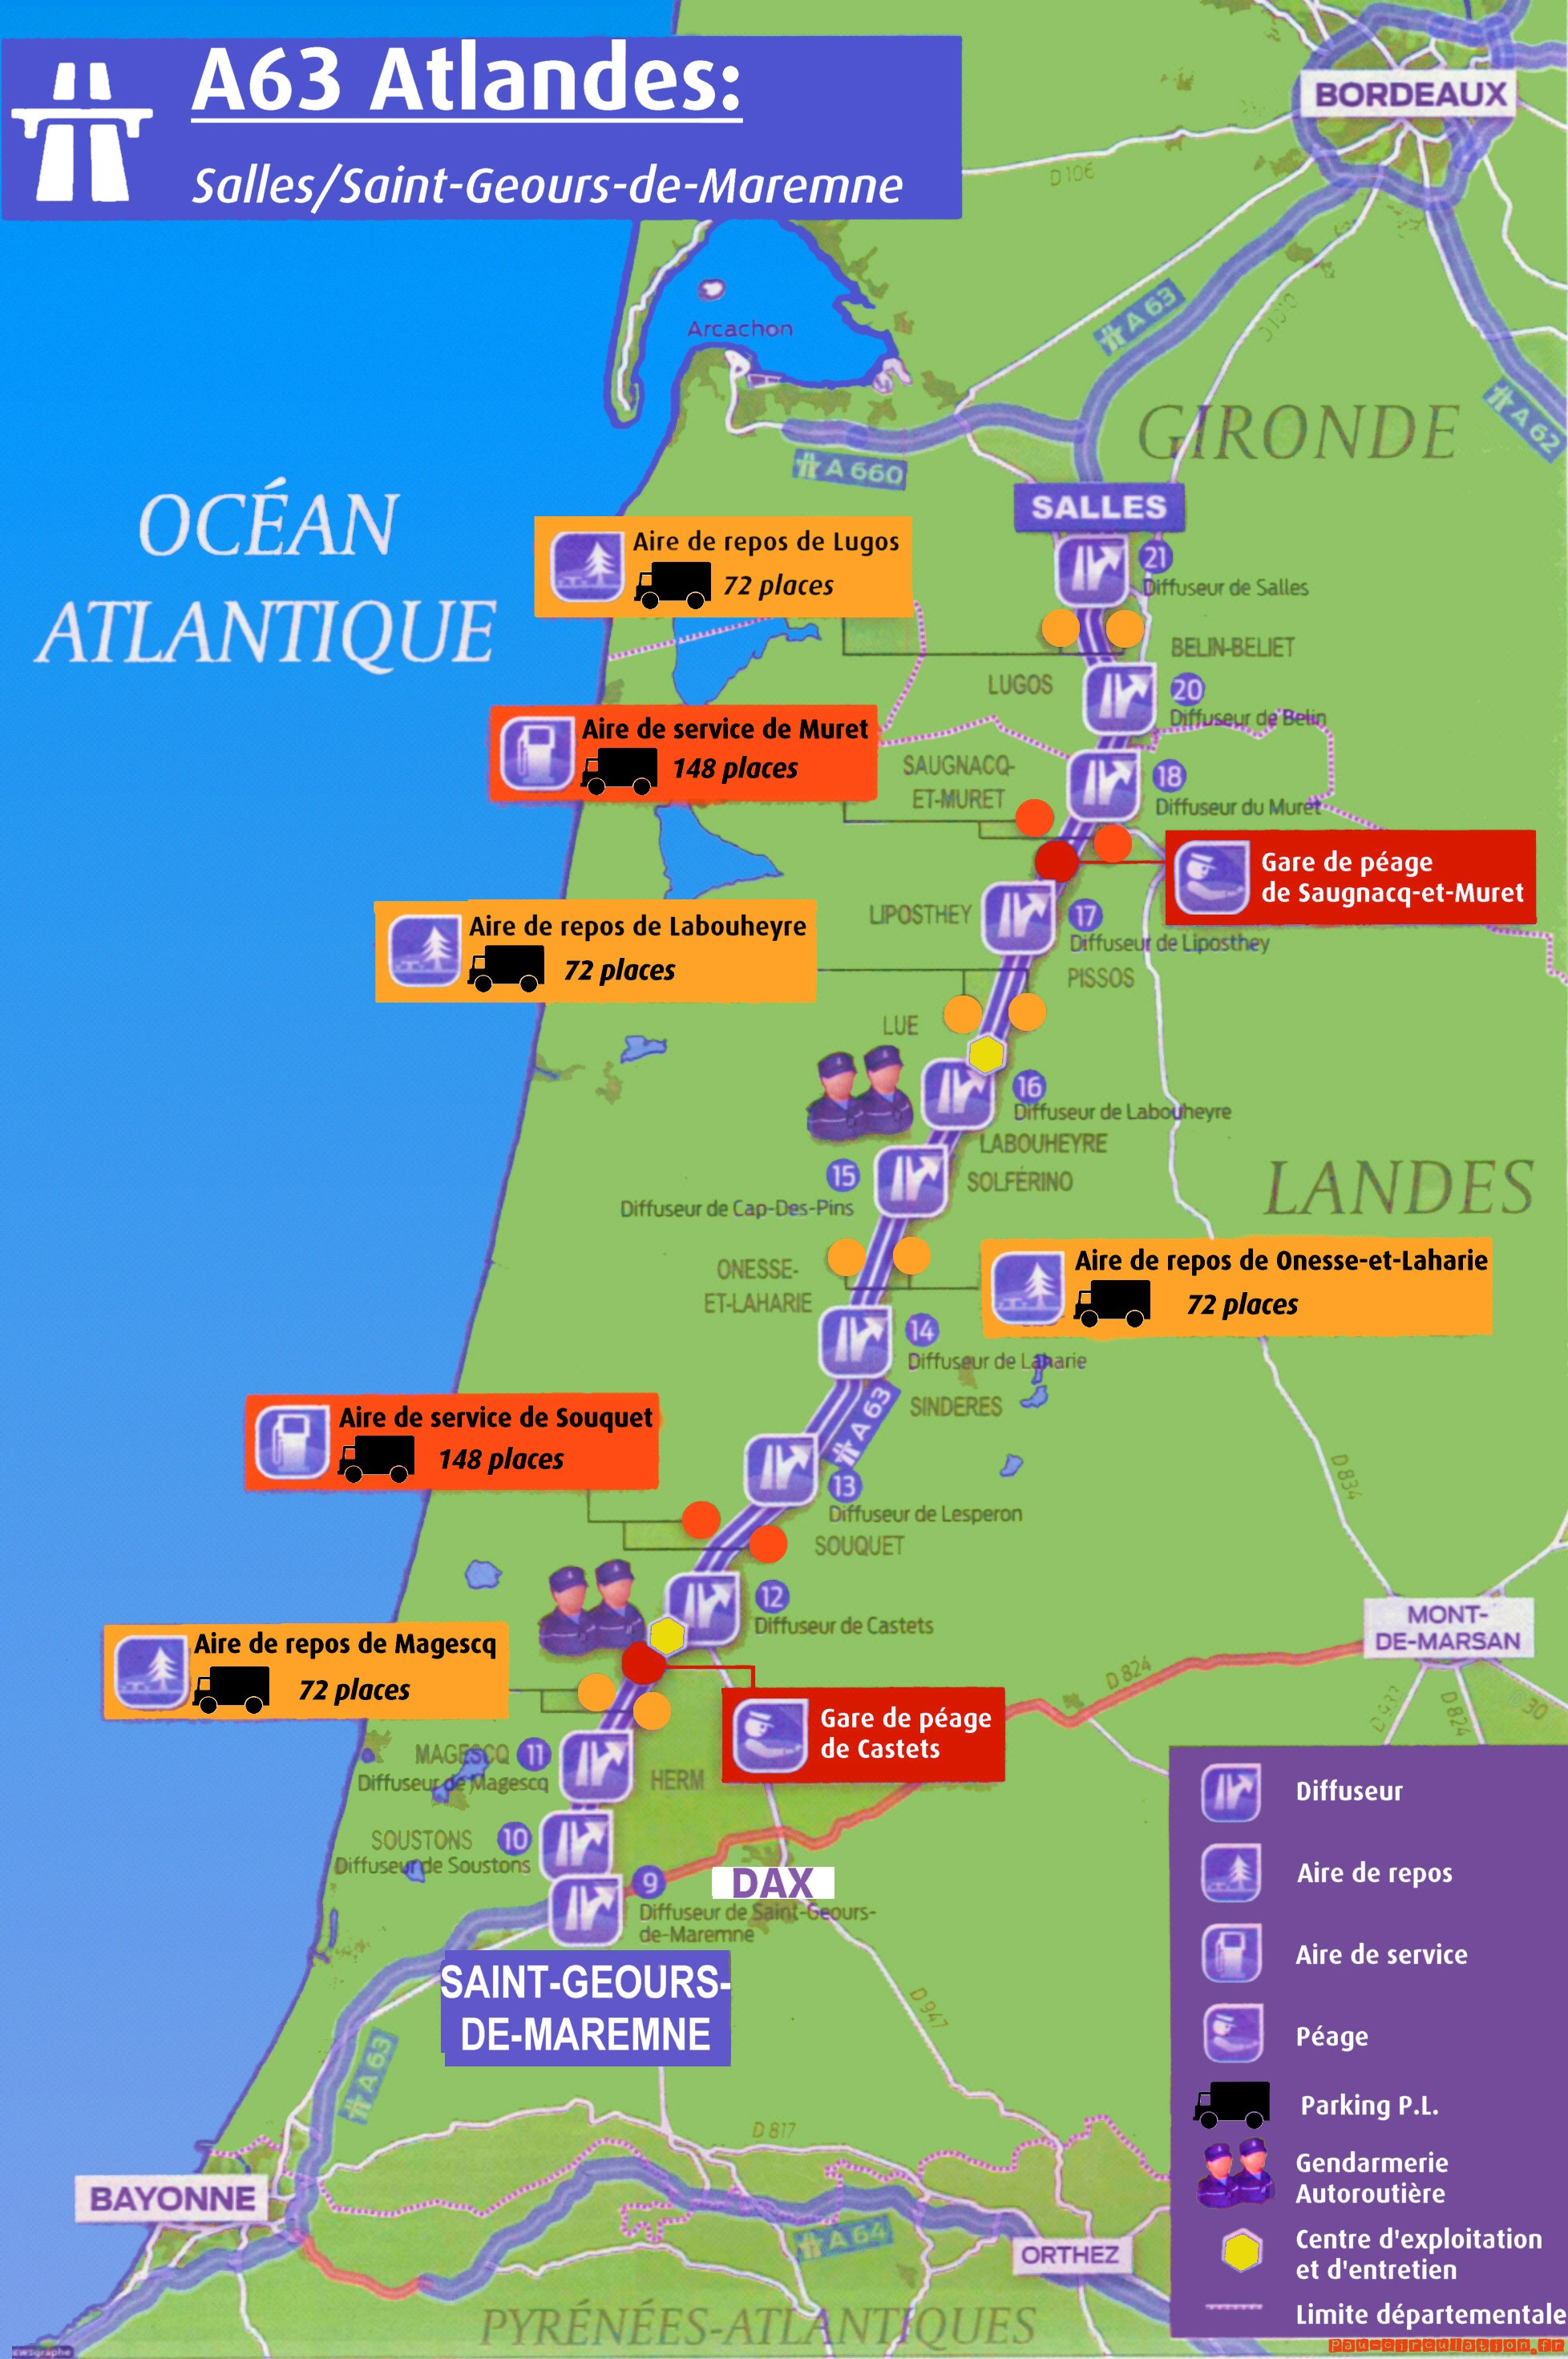 A63: Mise en place du péage dès le printemps 2013